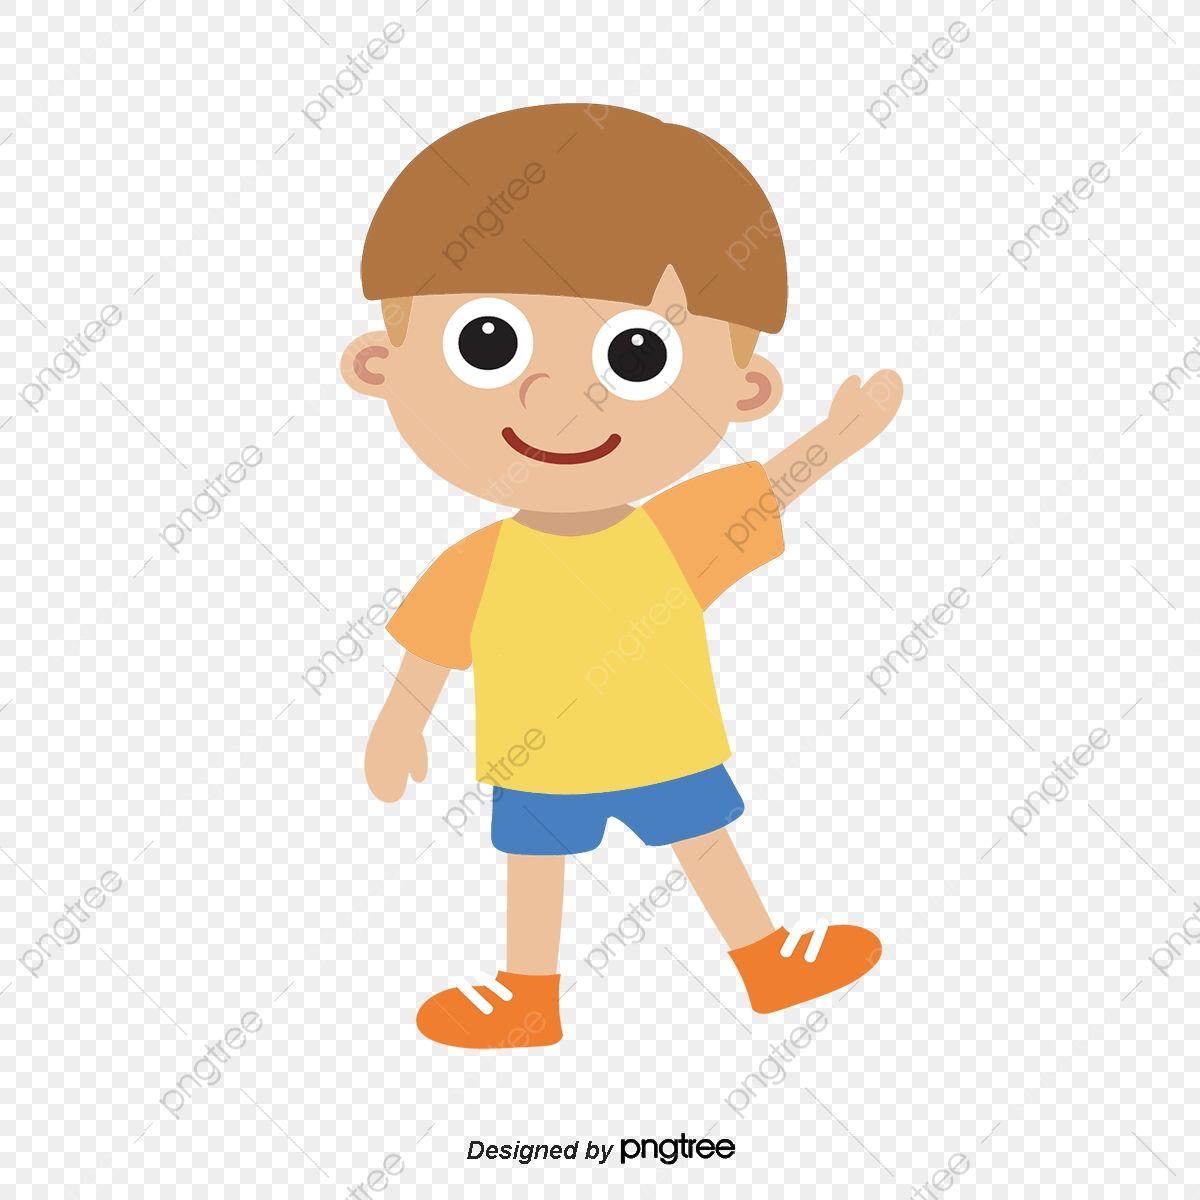 الولد يمشي الصبي المرسومة سير صبي Png وملف Psd للتحميل مجانا Character Pikachu Fictional Characters